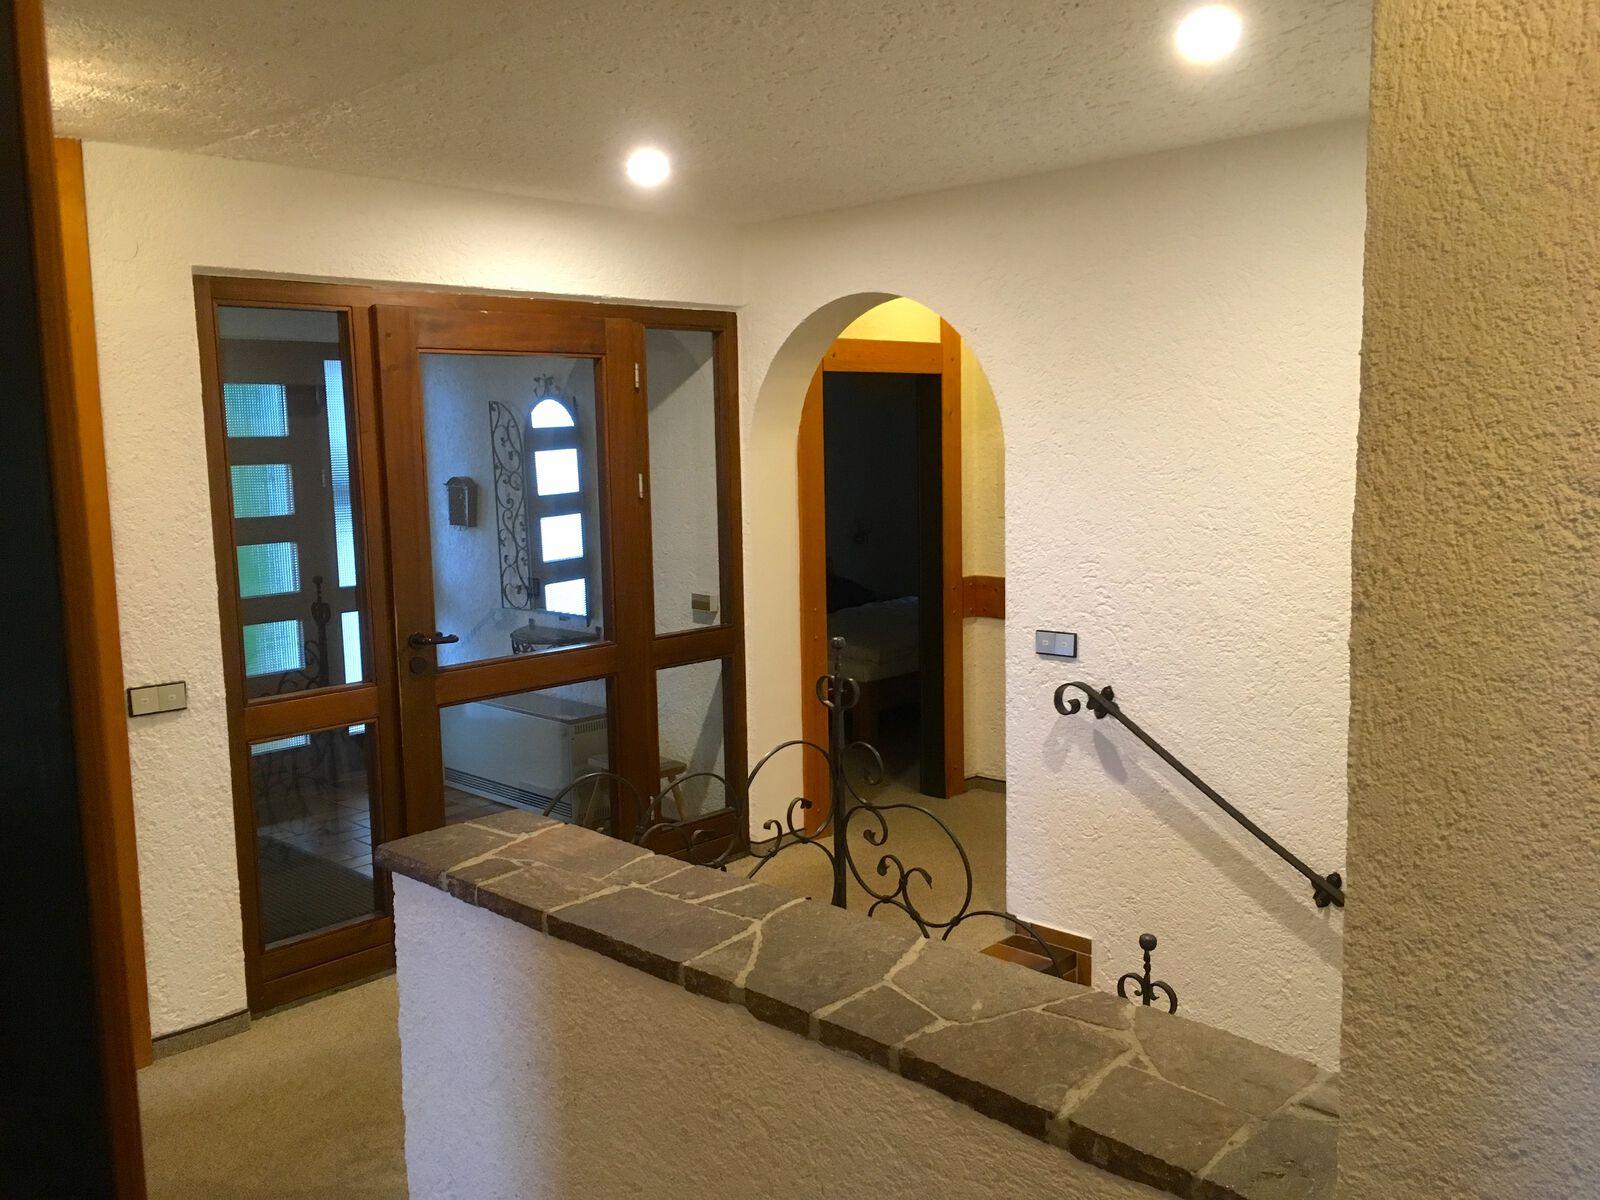 Treppenhaus EG:Hier befinden sie sich im Erdgeschoss. Von der Garage kann man hier direkt ins Haus gelangen.